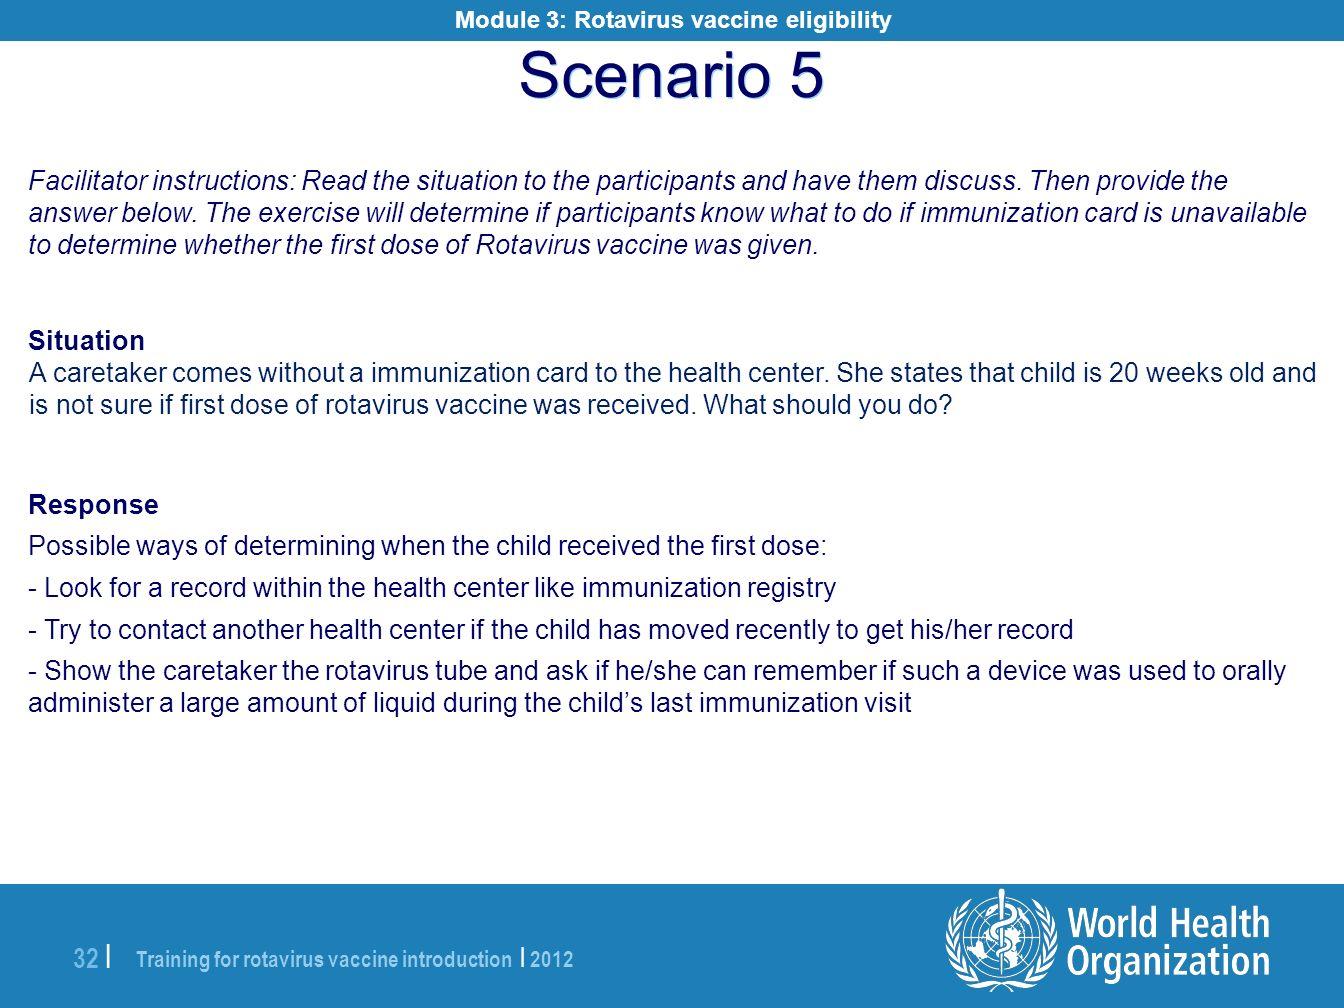 Module 3: Rotavirus vaccine eligibility